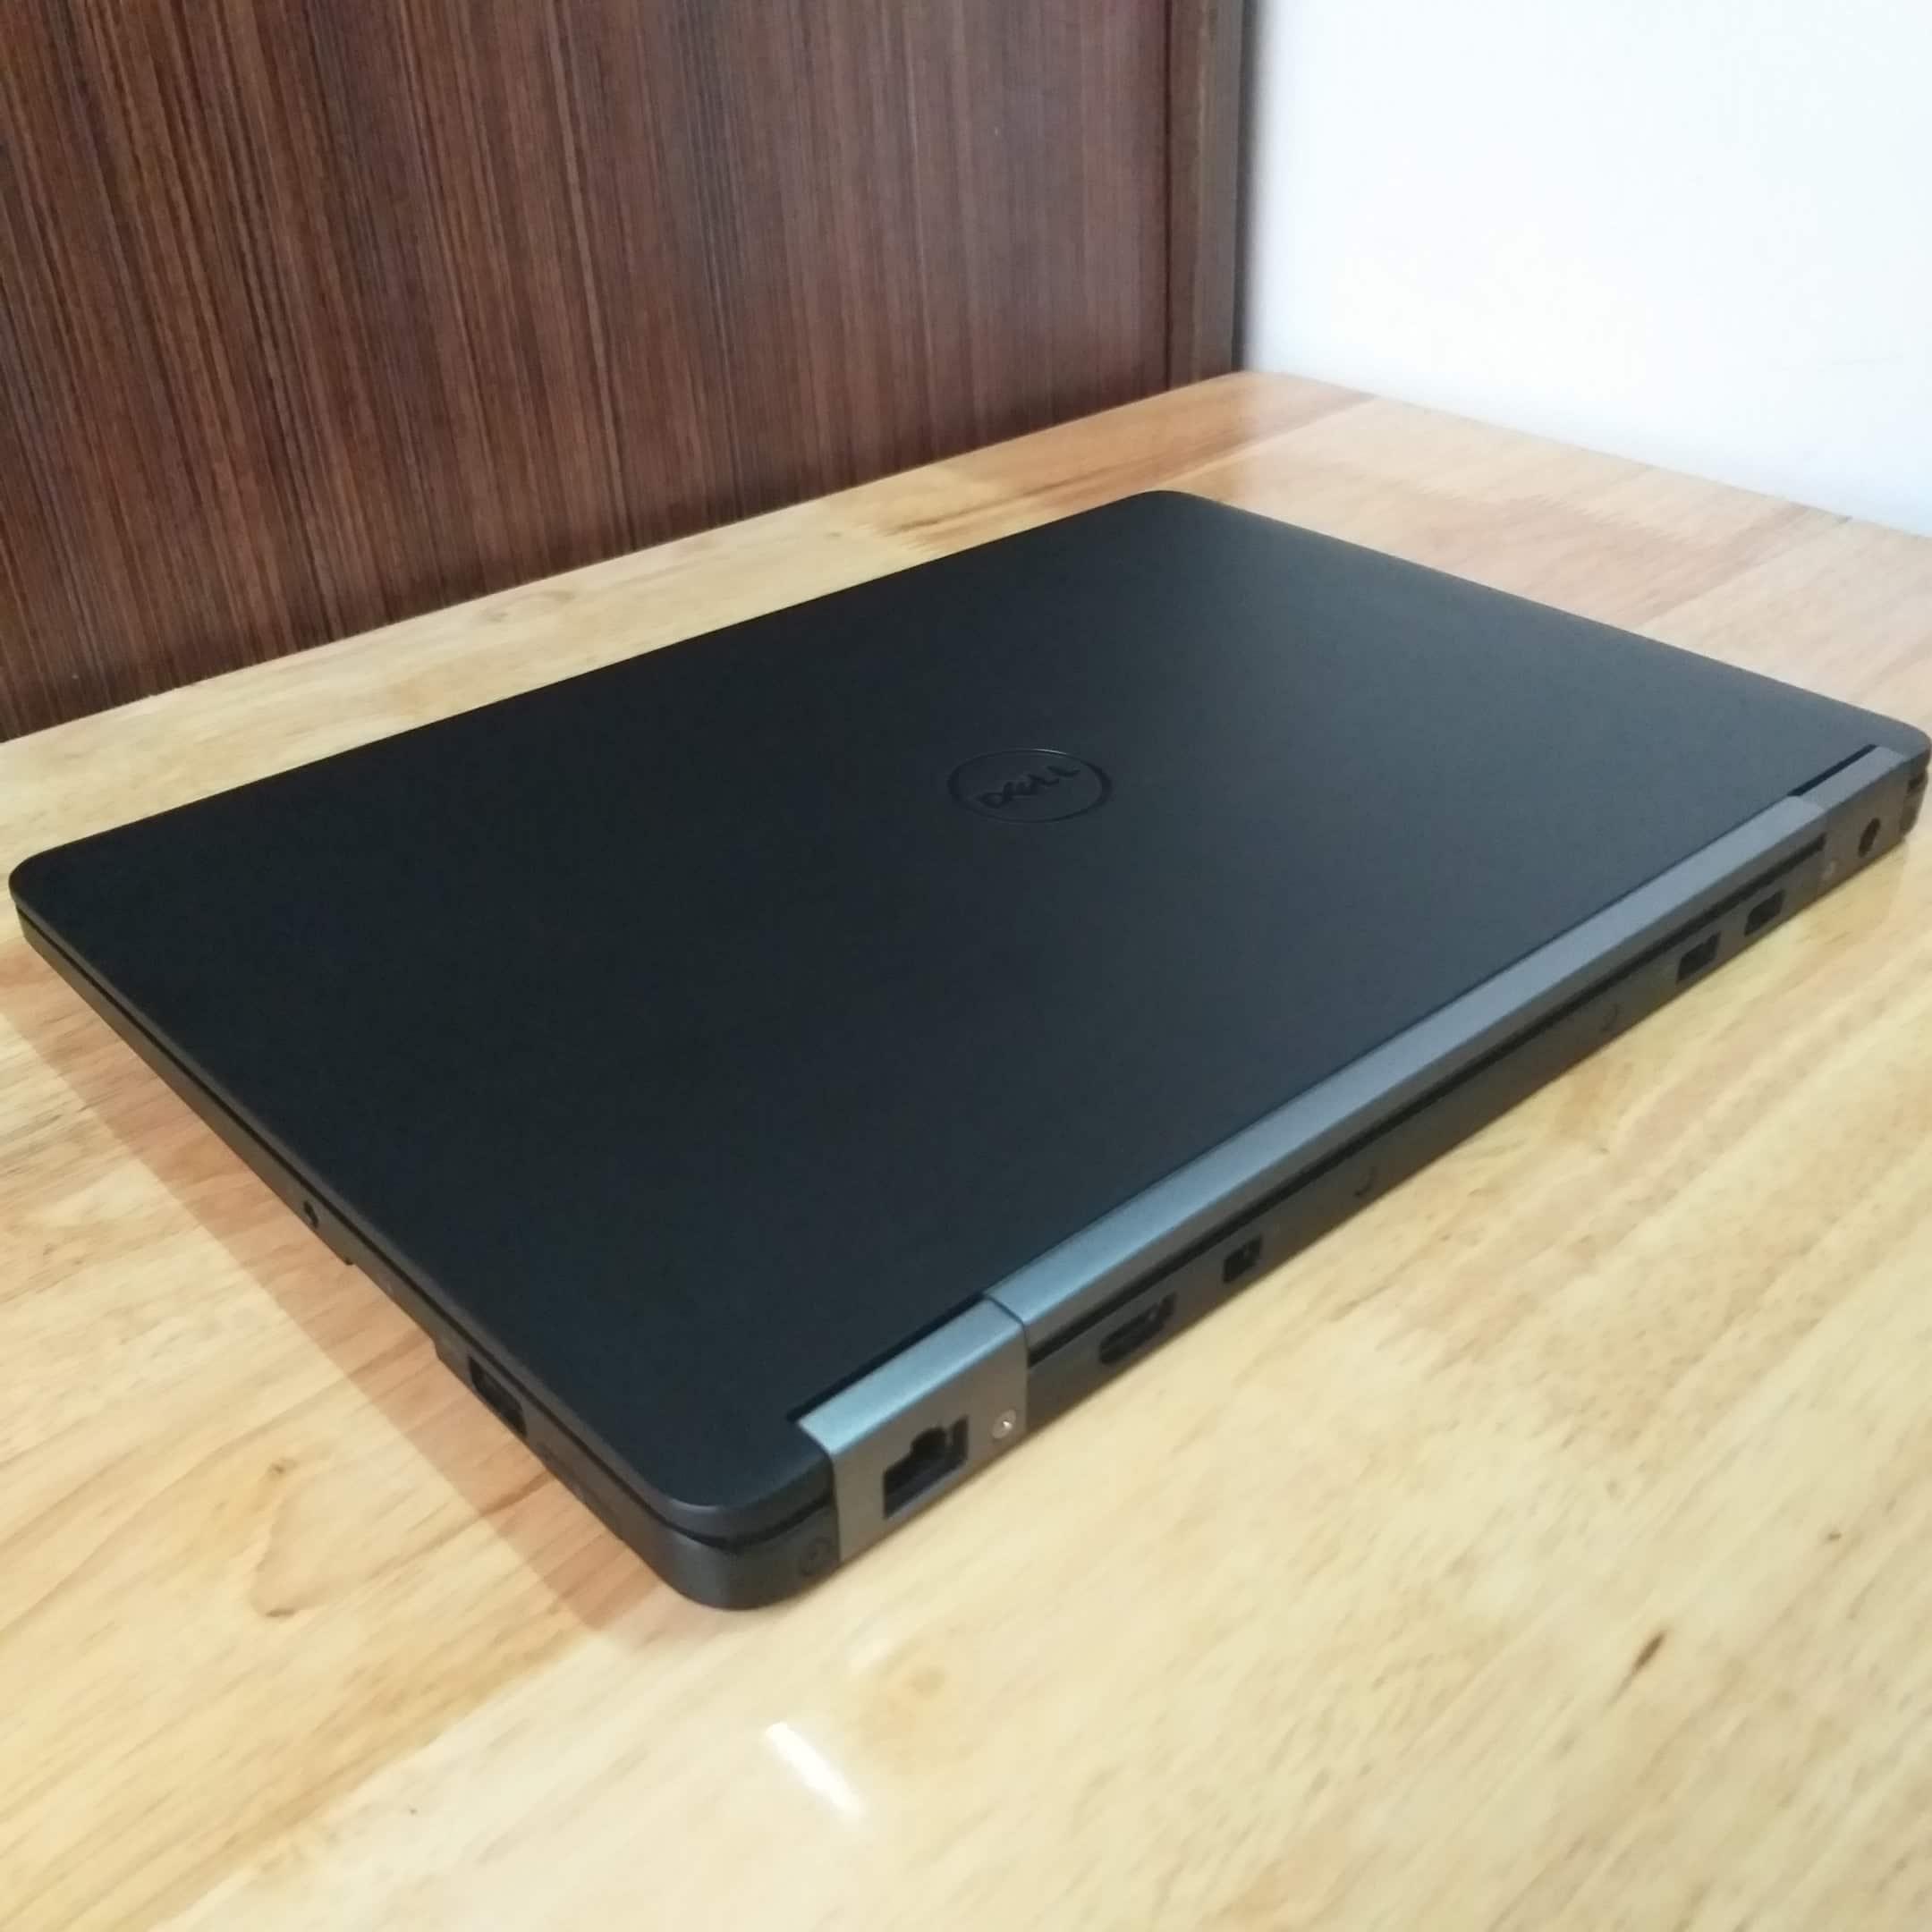 Dell Latitude E7270, I5 6300U RAM 8GB SSD 256GB